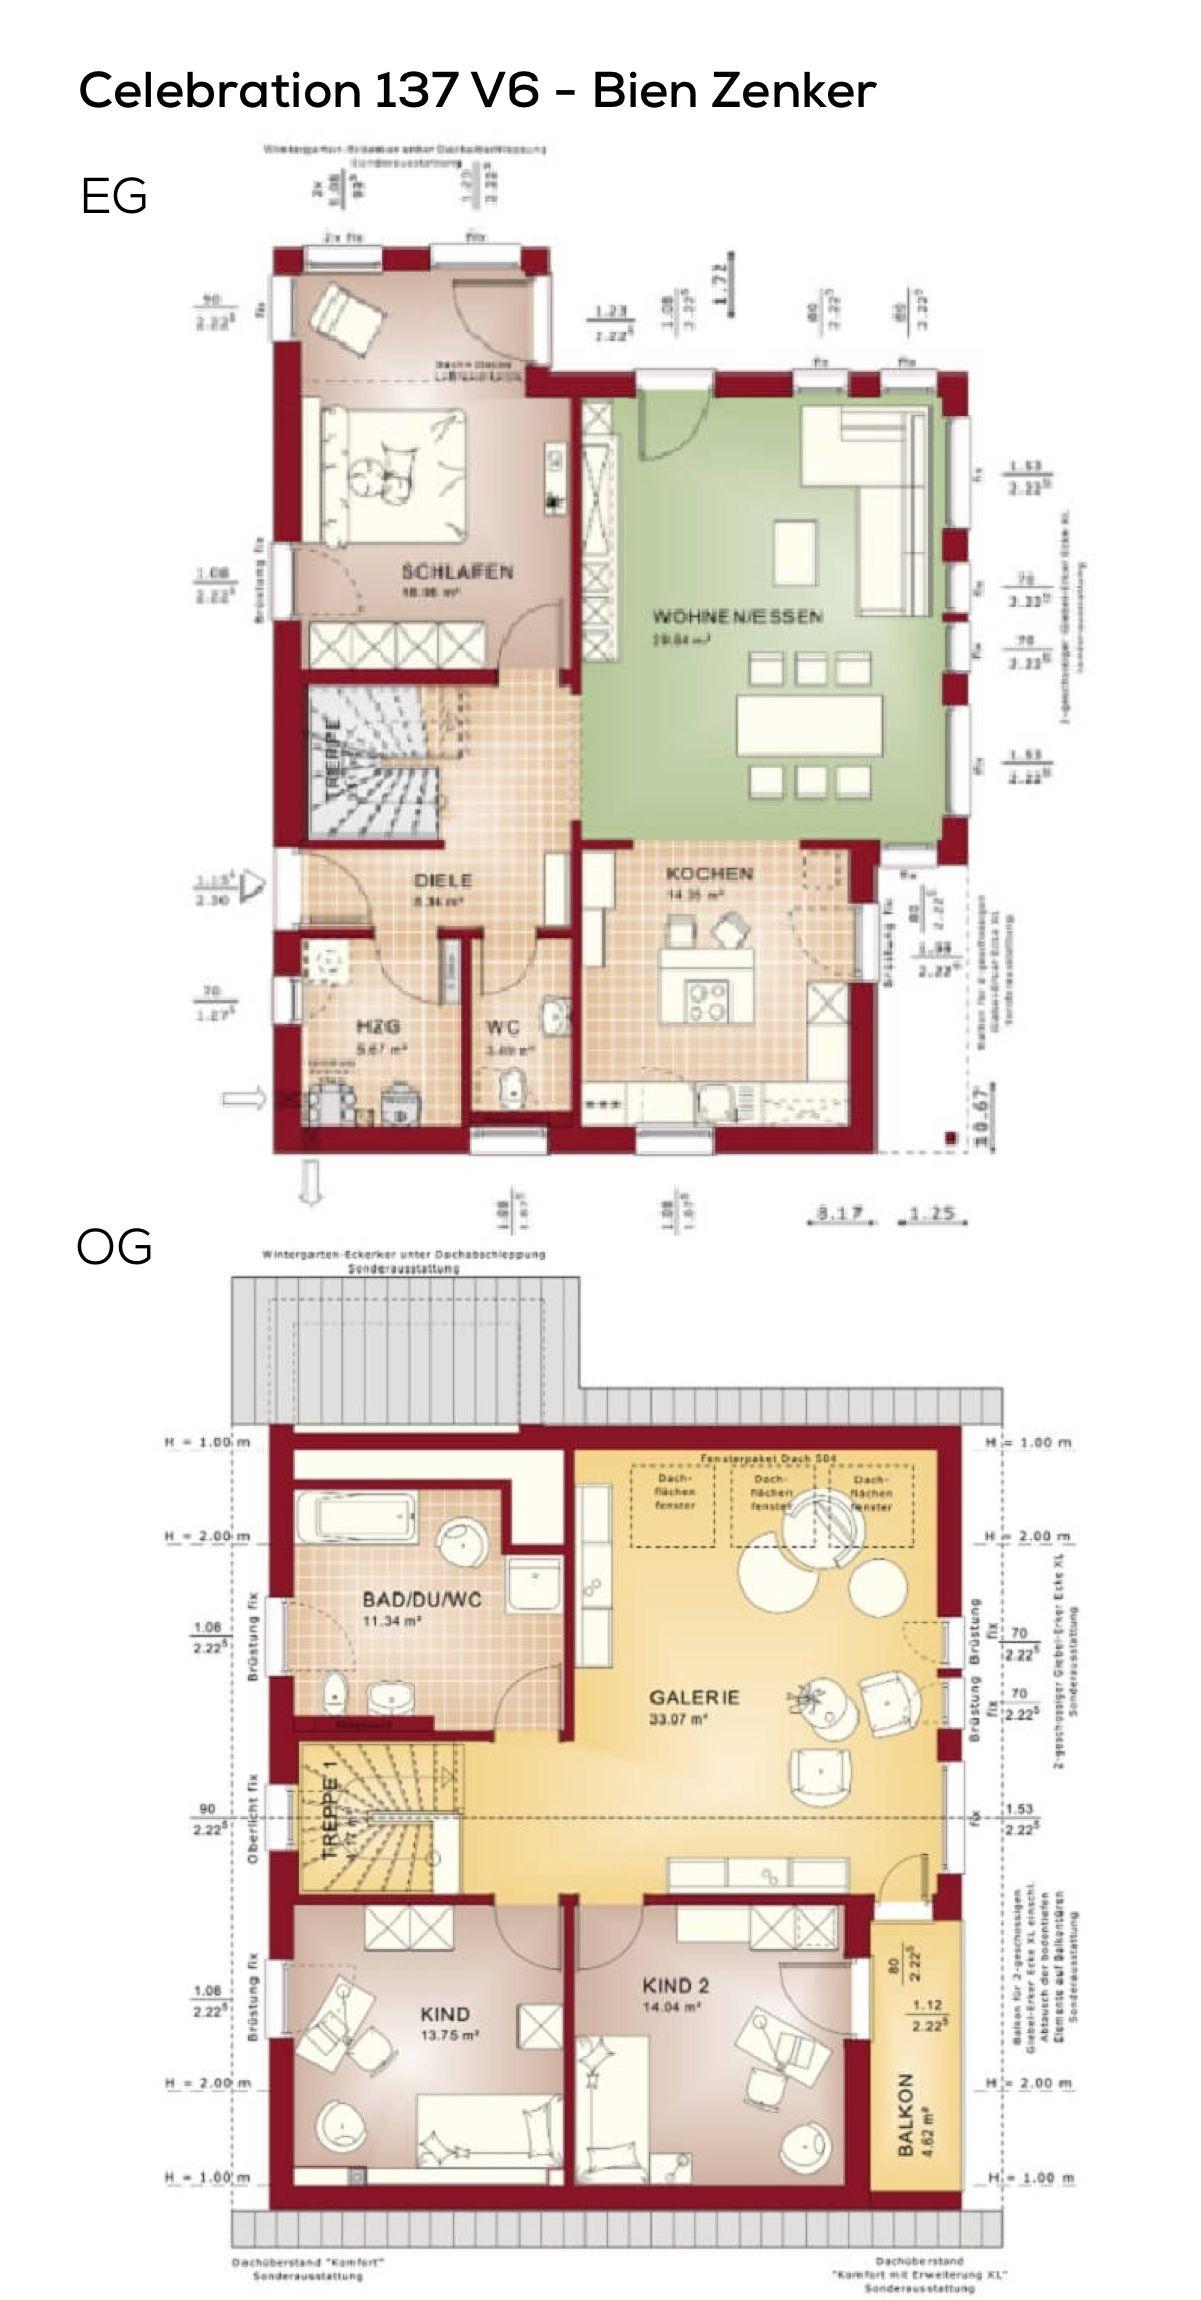 Grundriss Einfamilienhaus rechteckig im Landhausstil